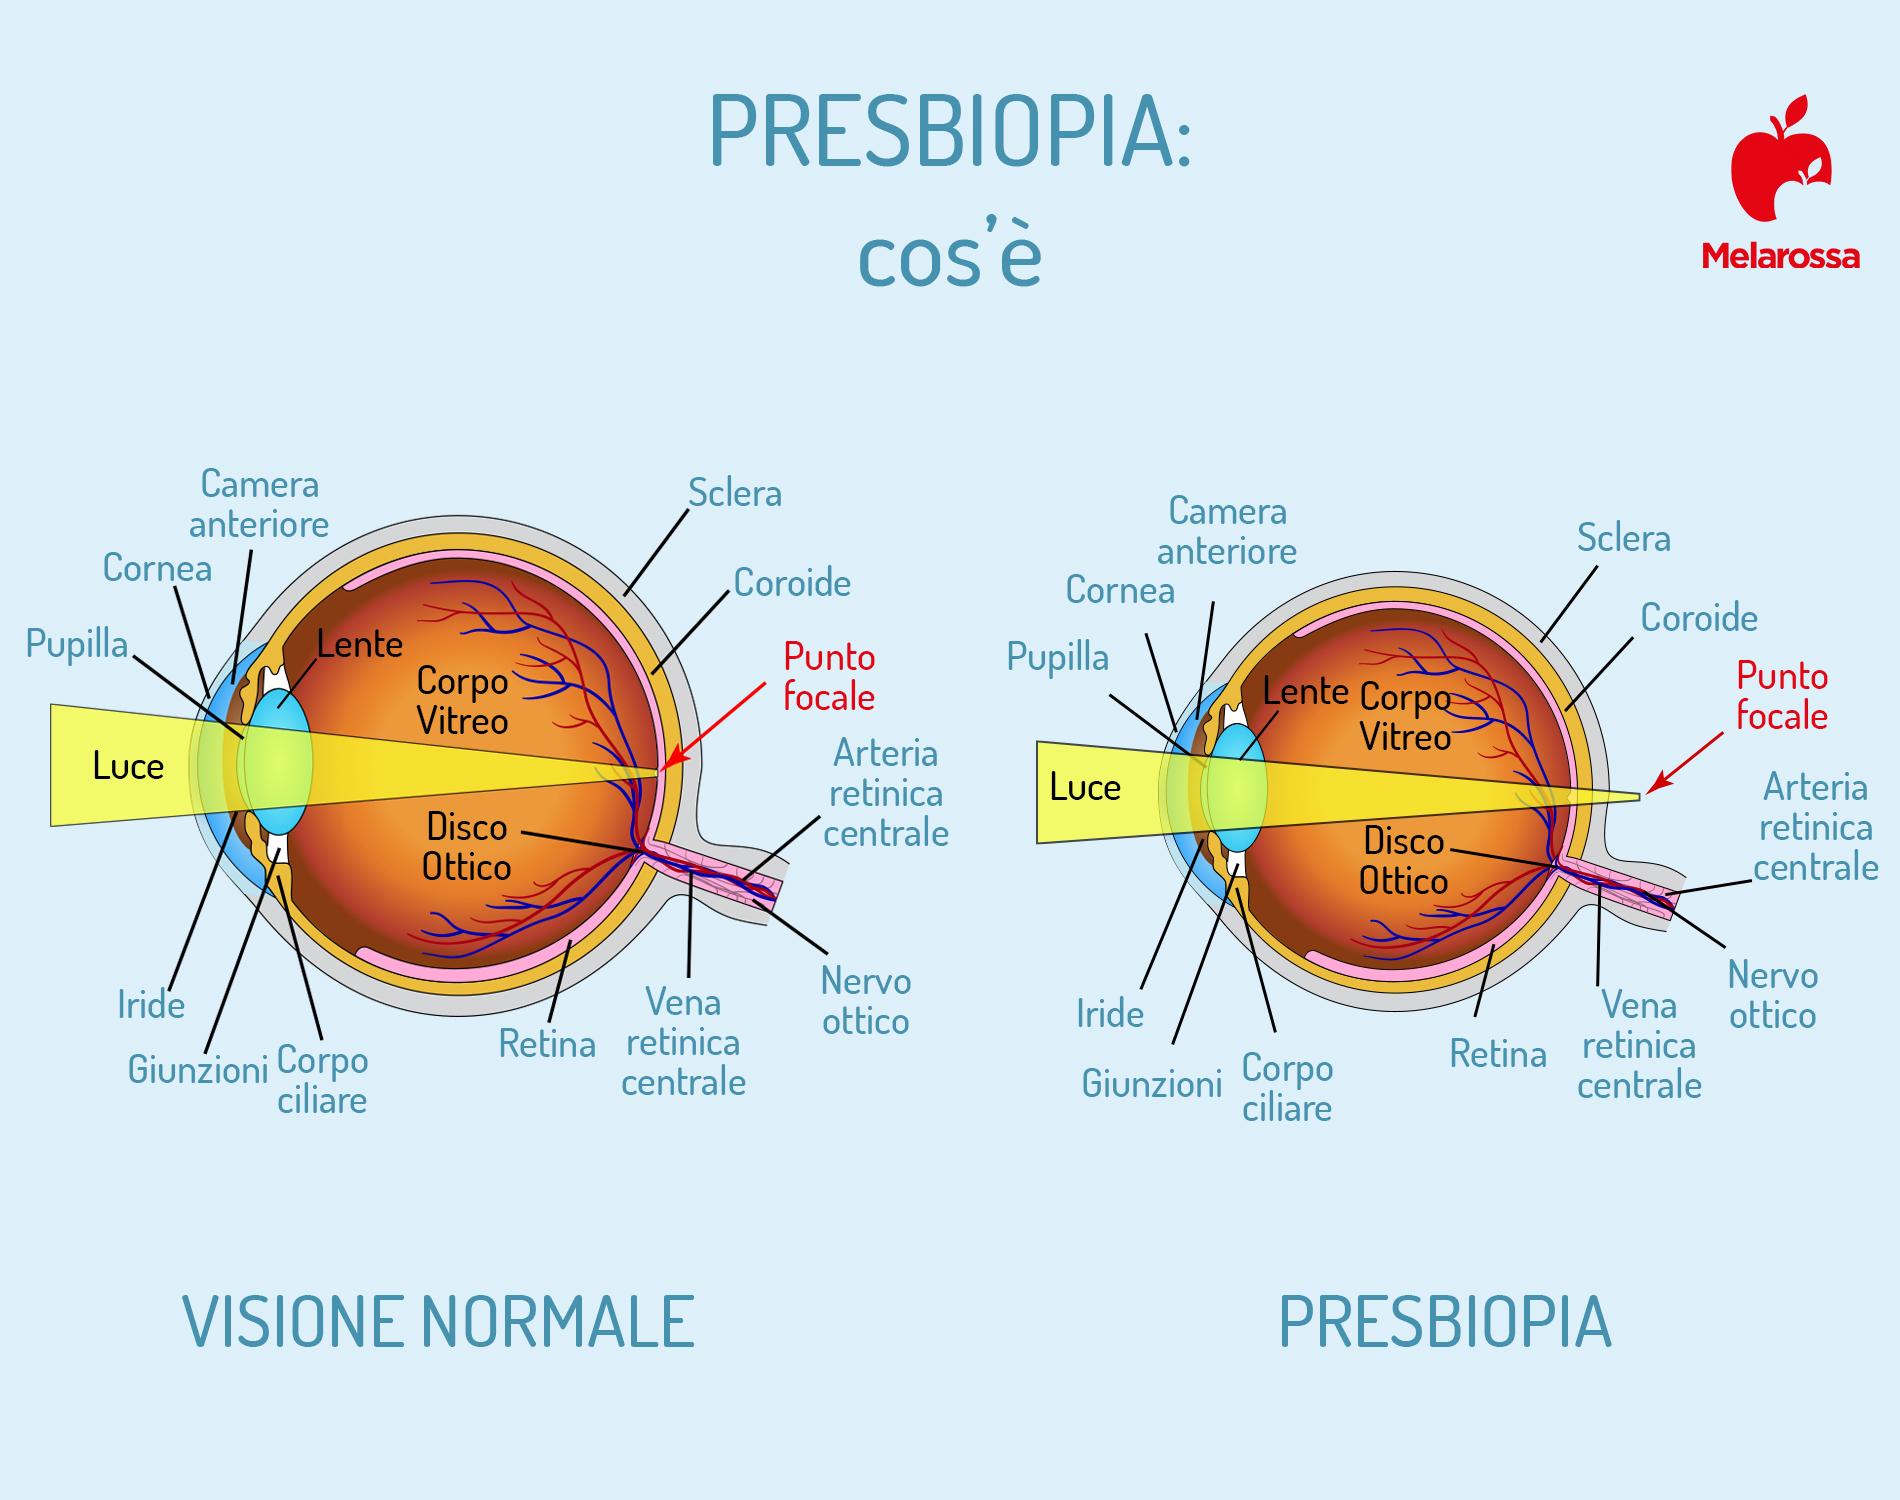 presbiopia: cos'è